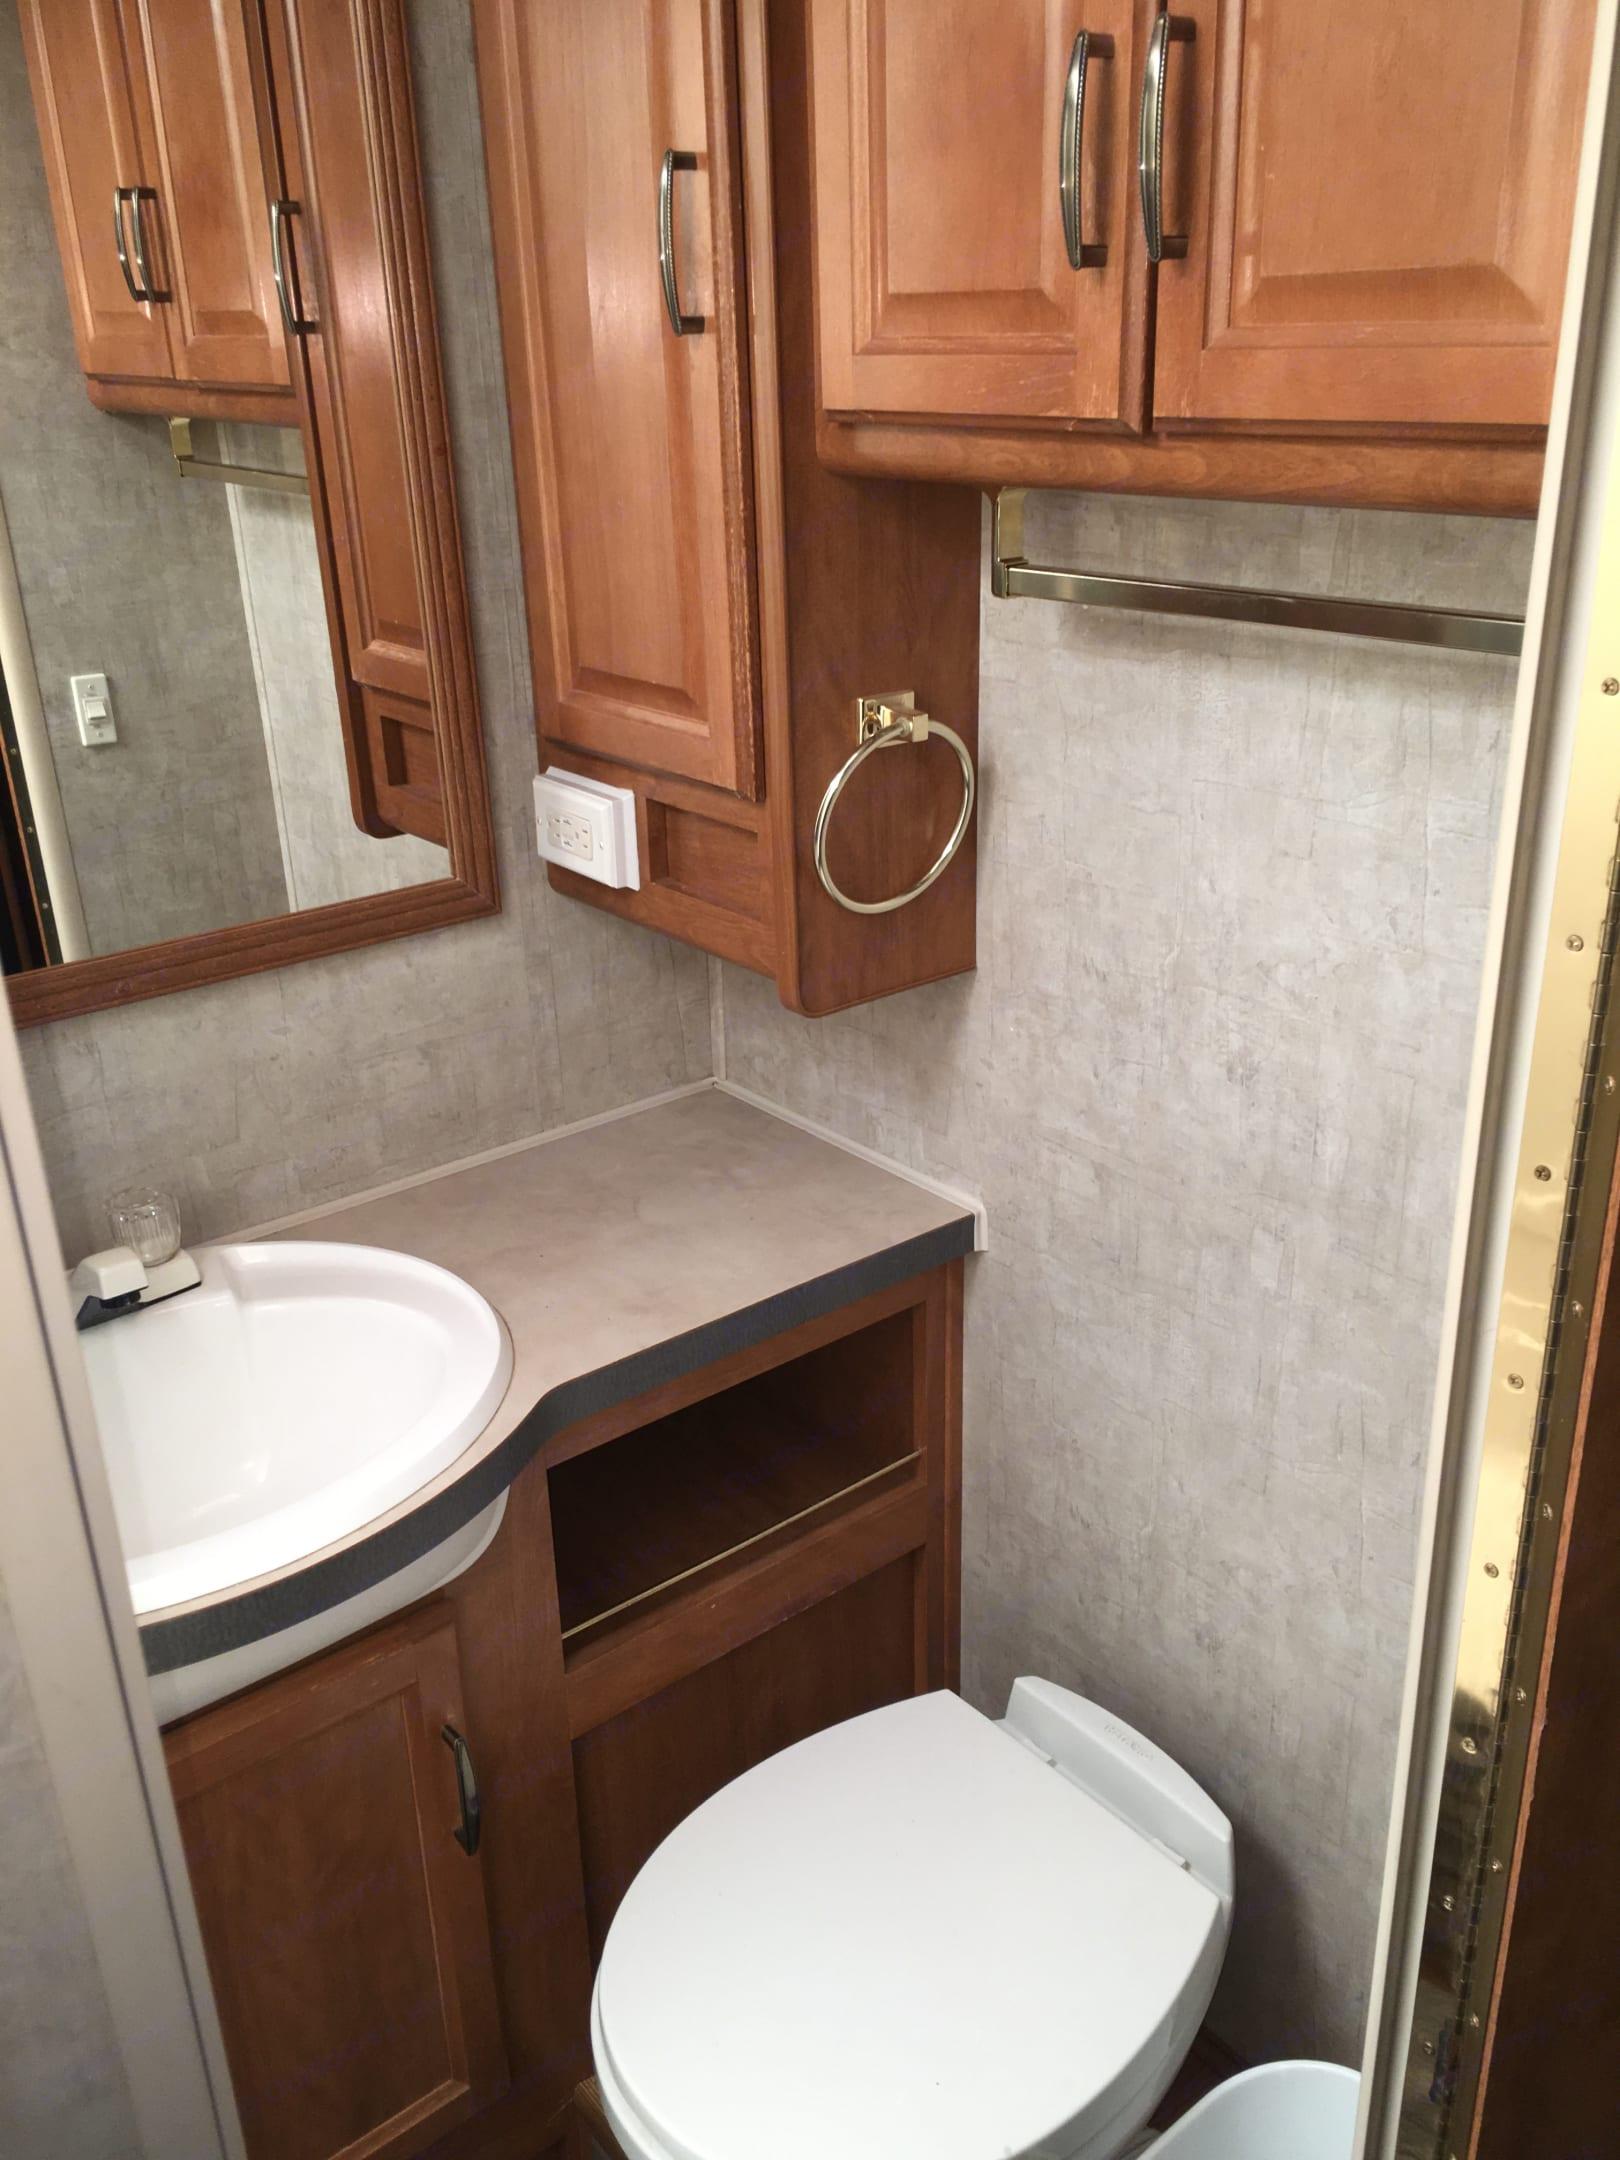 Bathroom sink. Fleetwood Terra 2005